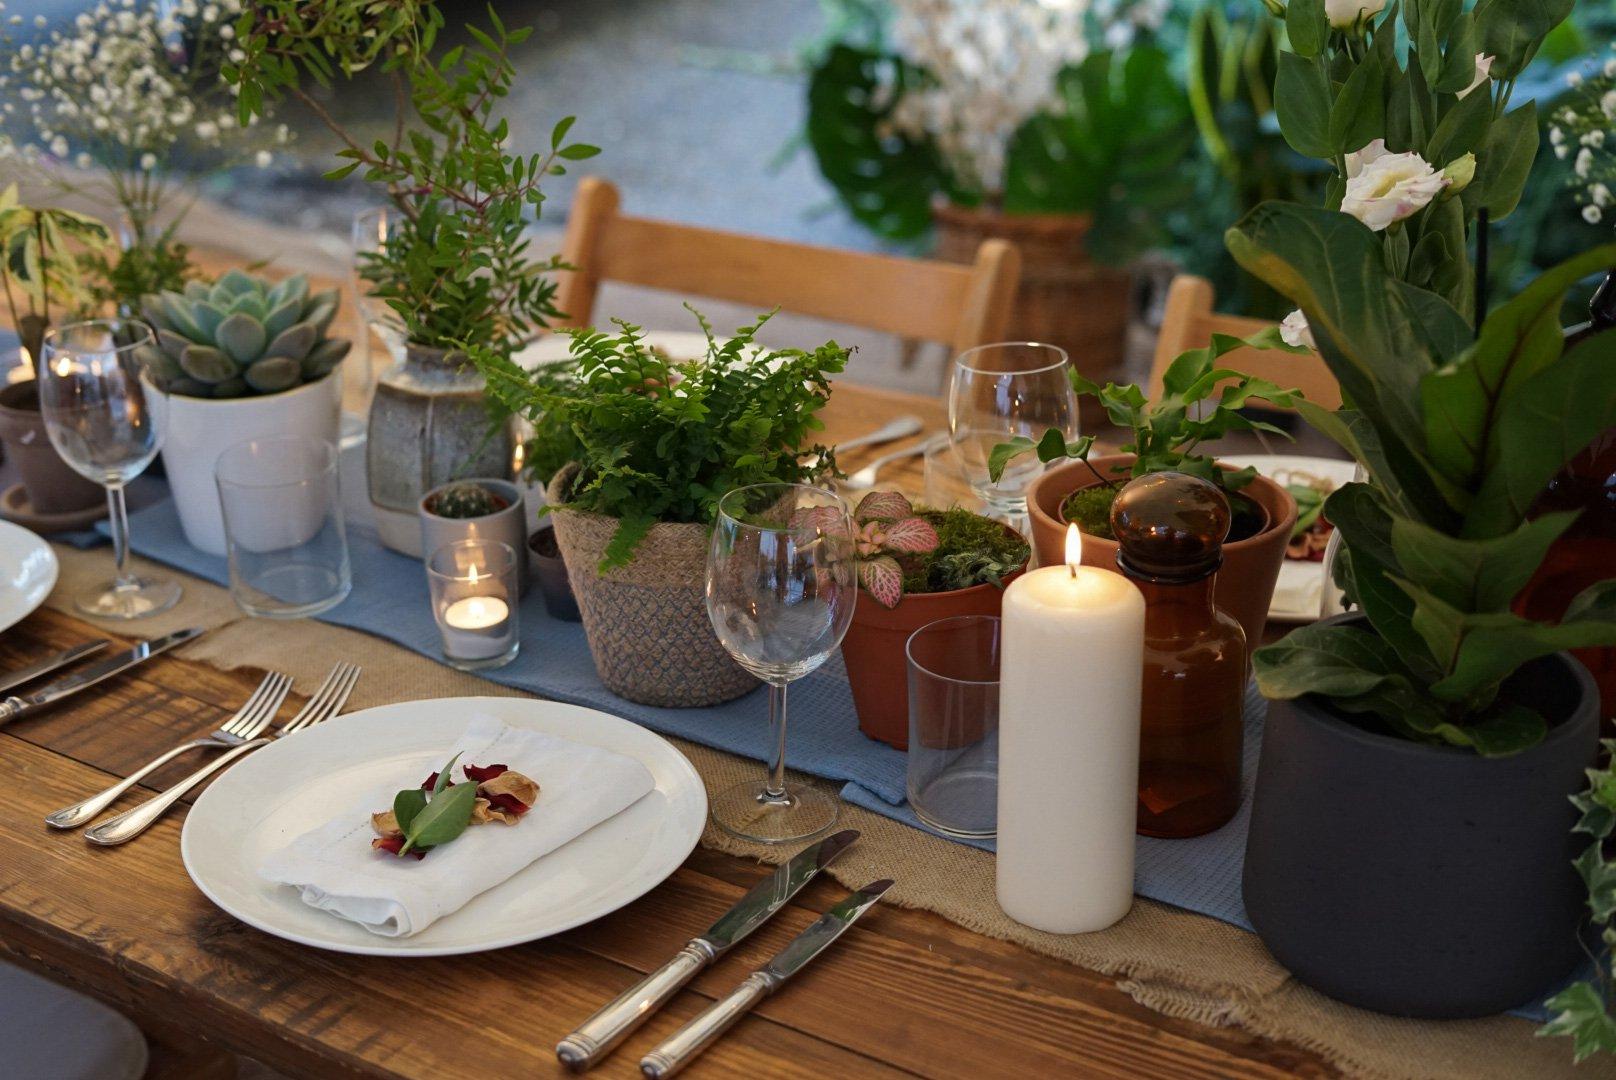 Botanical wedding theme styling